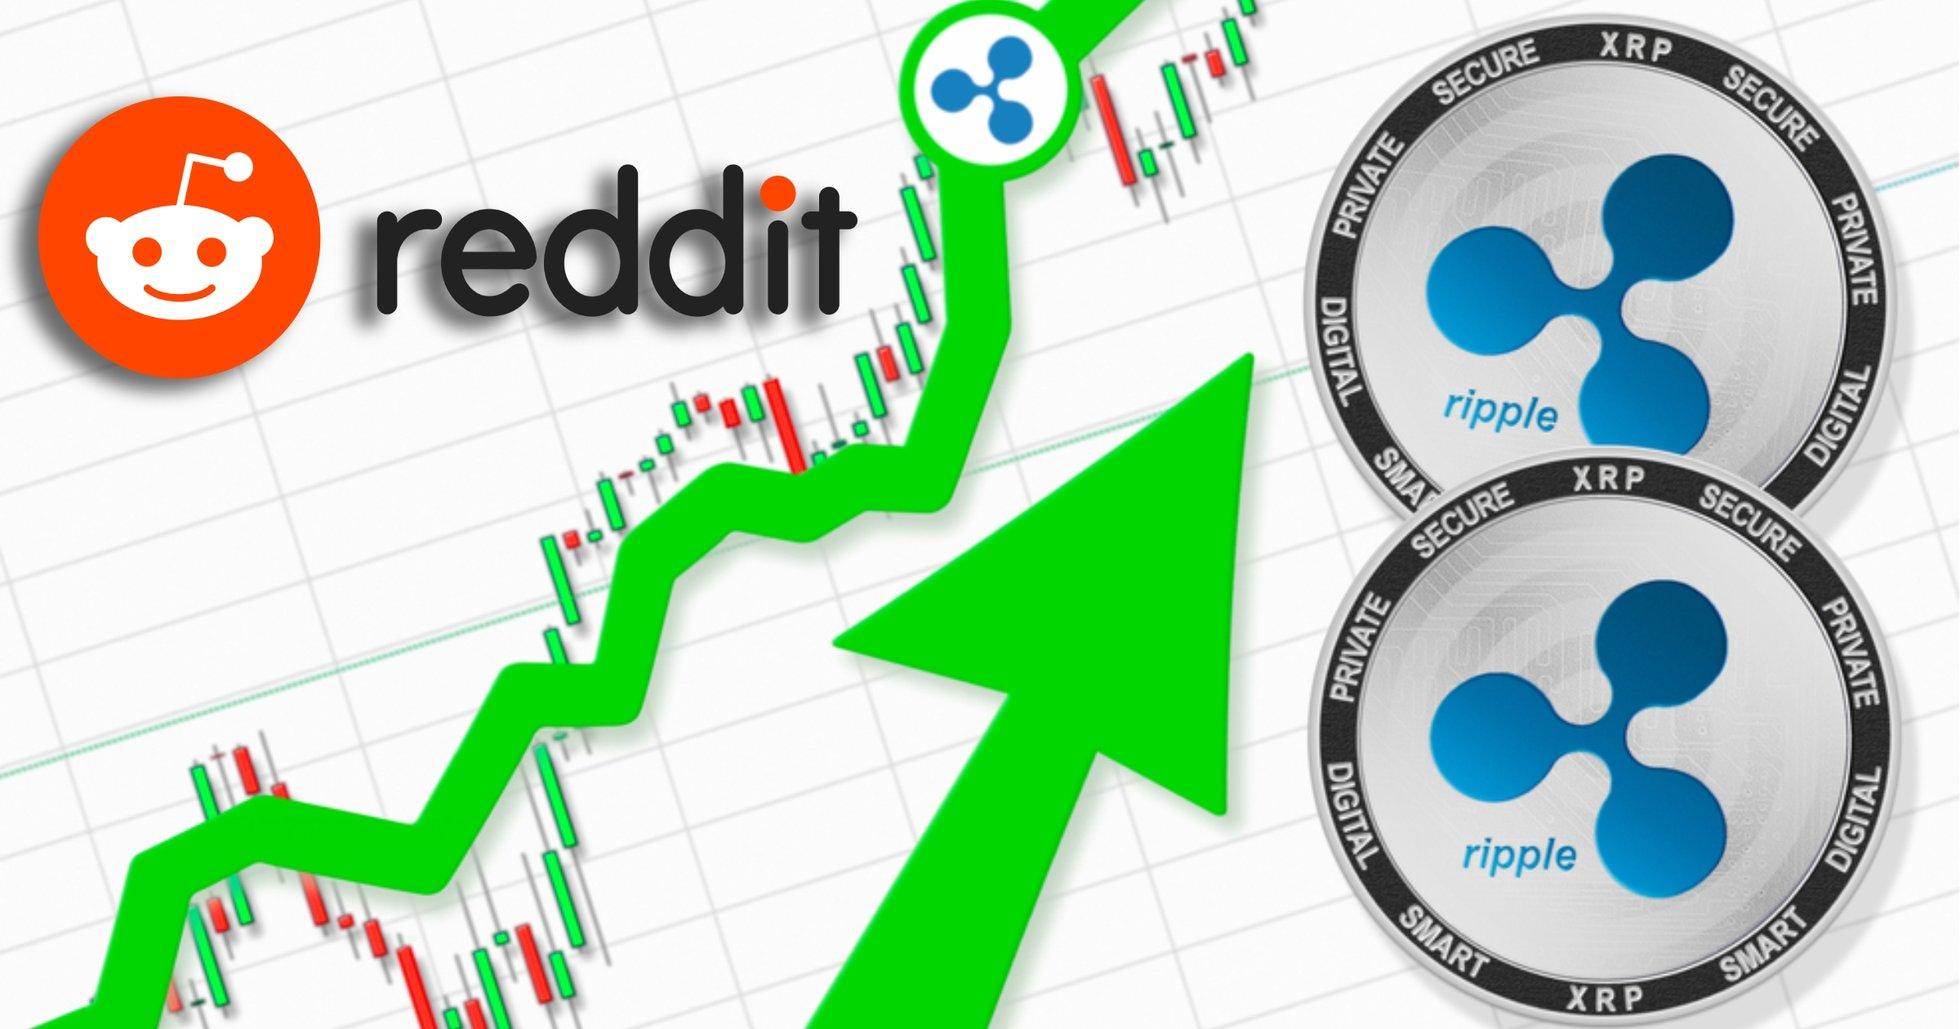 Uträknade xrp rusar i pris med 137 procent – efter draghjälp från Reddit